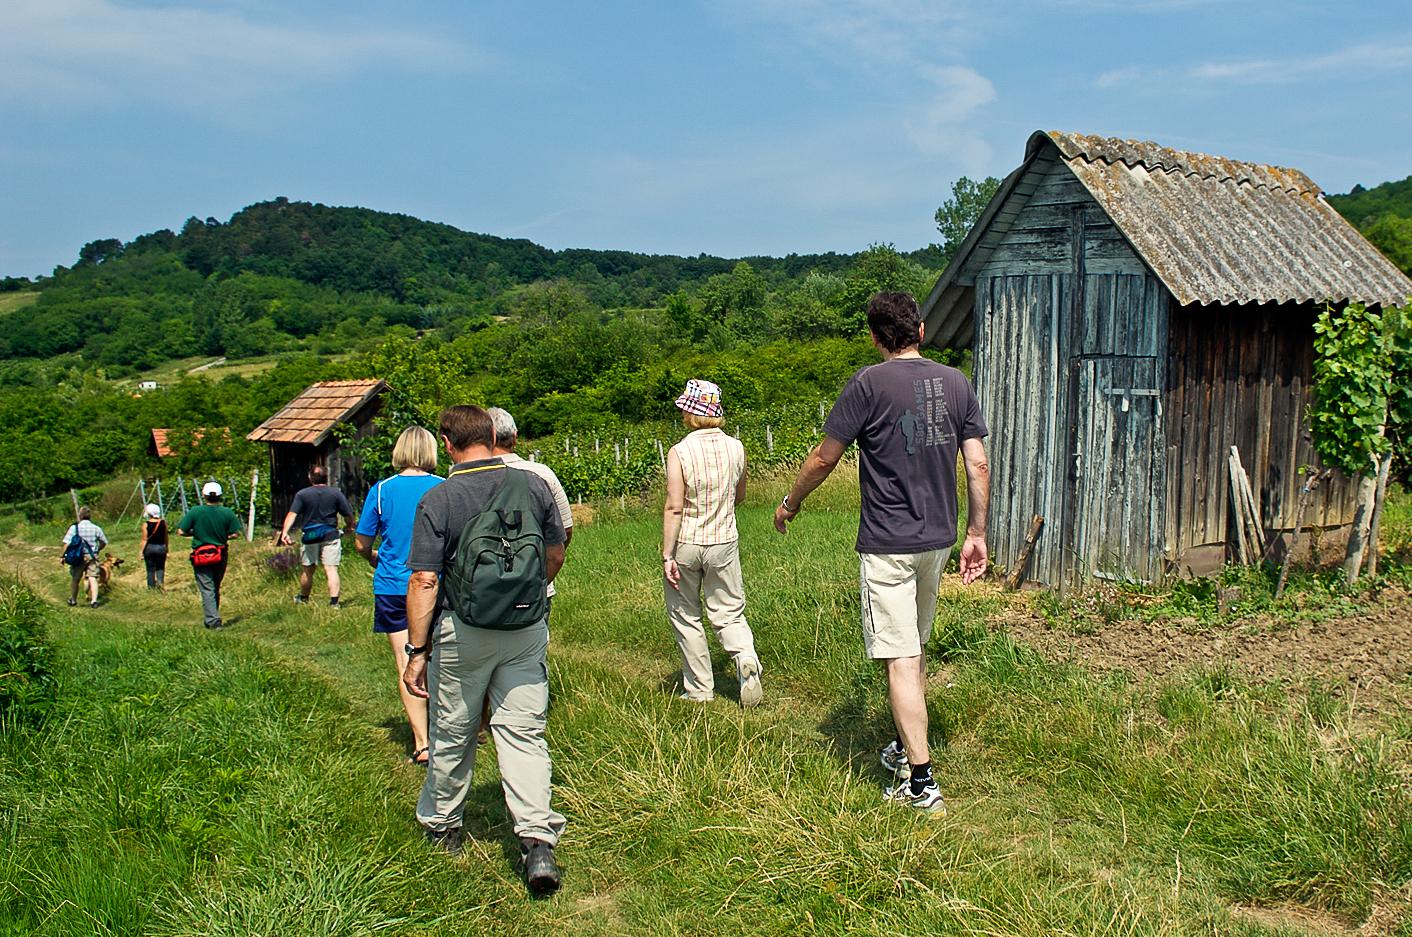 Wanderung von zu Kogelberg und Kloster